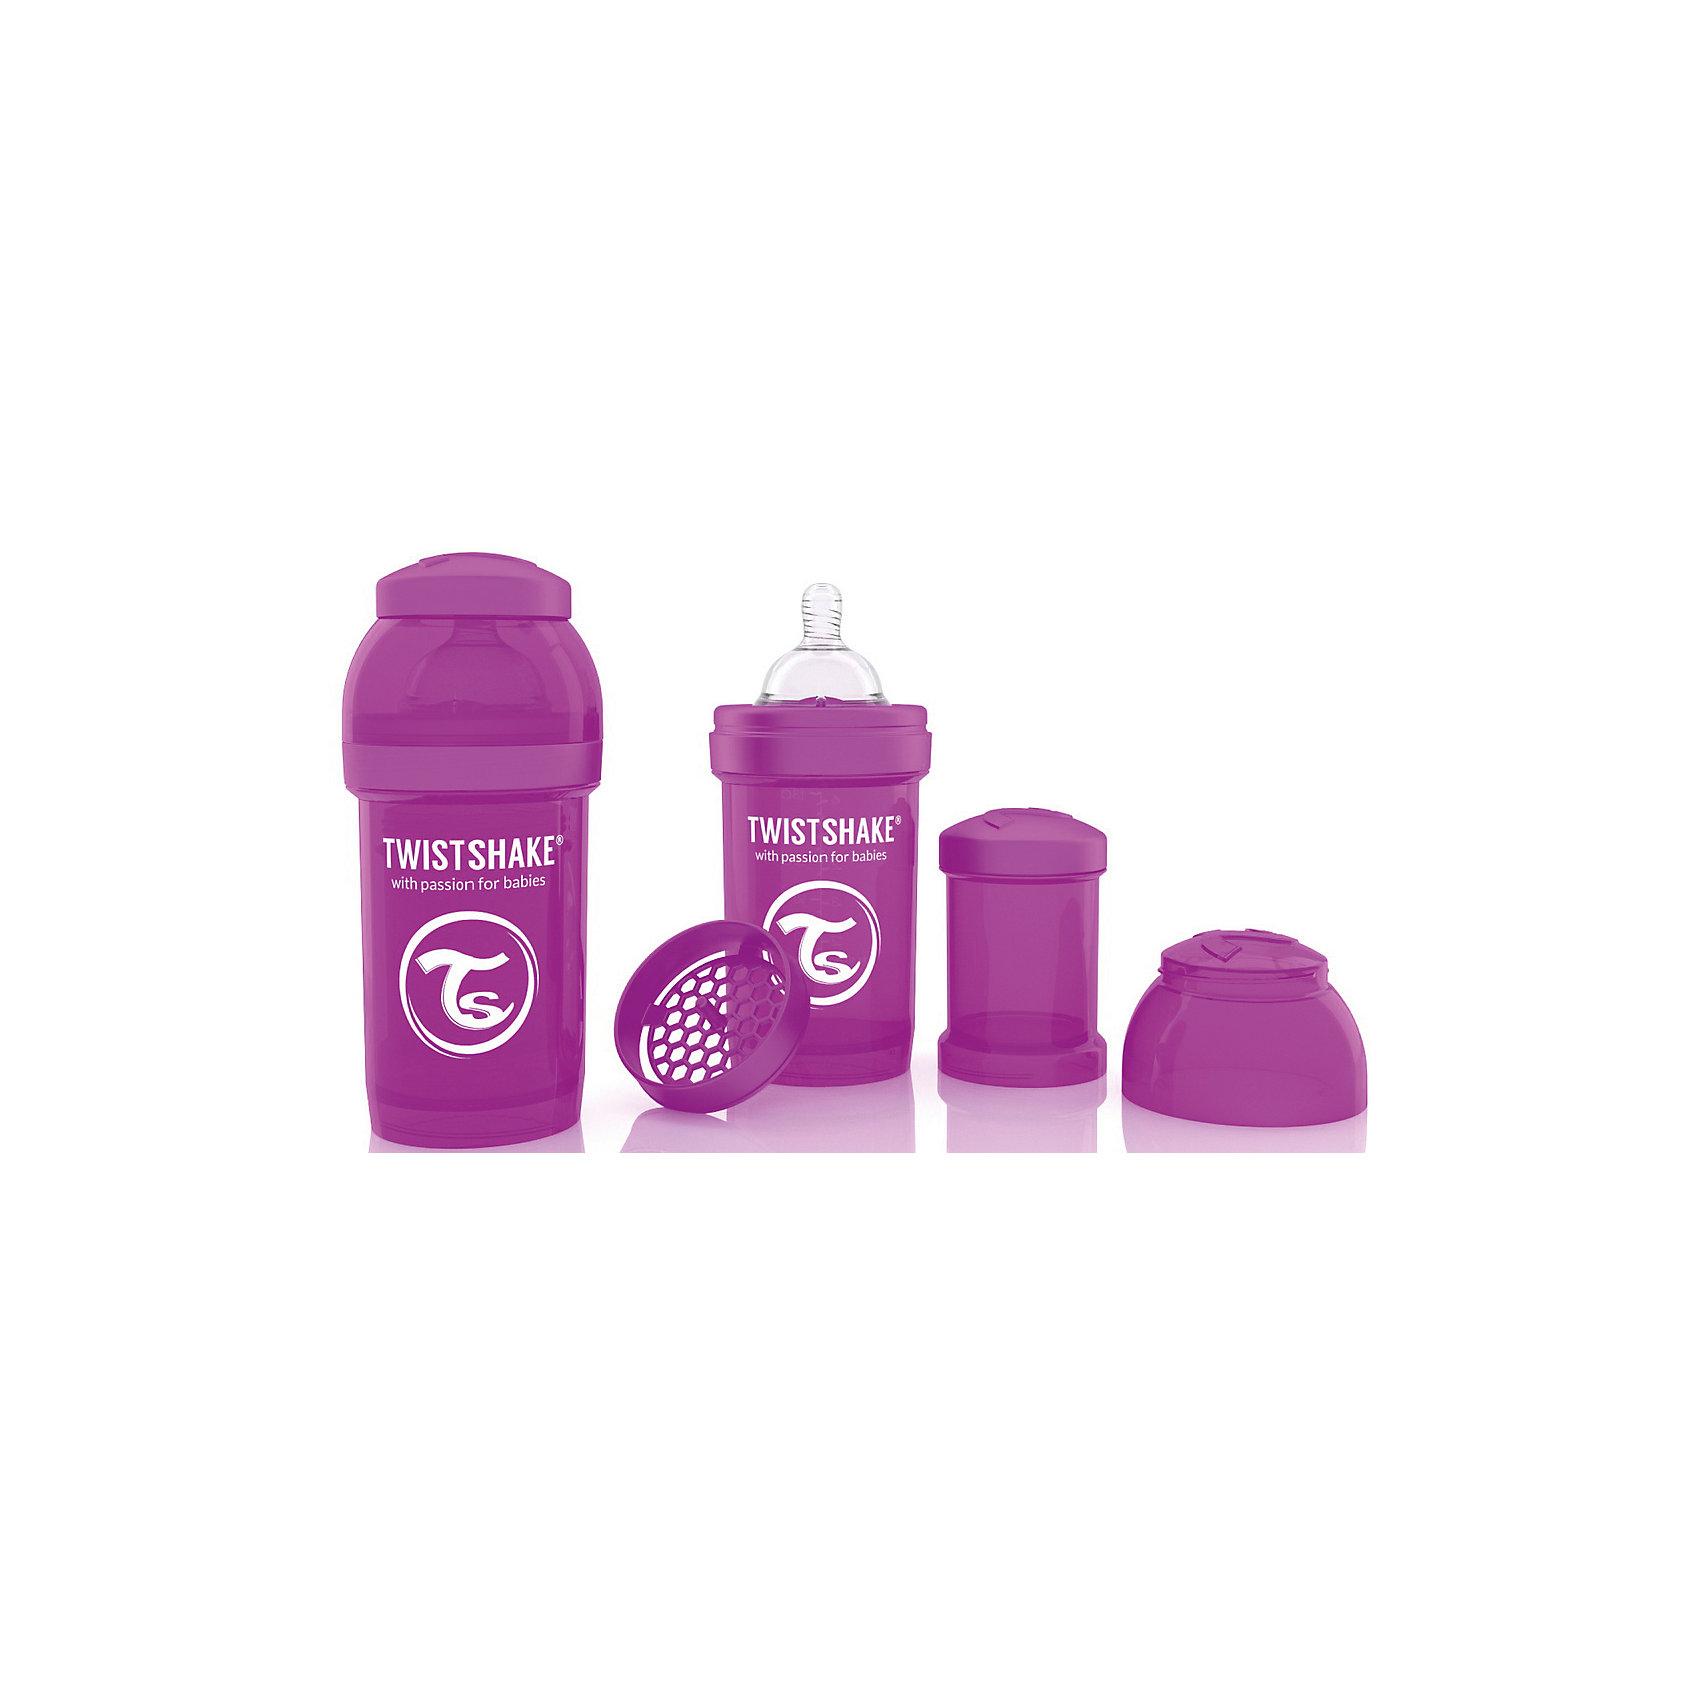 Антиколиковая бутылочка 180 мл., Twistshake, фиолетовыйБутылочки и аксессуары<br>Антиколиковая бутылочка 180 мл., фиолетовый от шведского бренда Twistshake (Твистшейк), придет по вкусу малышам и современным родителям. Эти бутылочки идут в комплекте с контейнером для сухой смеси, чтобы можно было готовить смесь в любом месте непосредсвенно перед кормлением. Также в комплект входит решеточка для разбивки комочков смеси, делая саму смесь идеальной. Материал бутылочки имеет свойства сохранения температуры, не содержит бисфенол А. Удобная форма горлышка обеспечивает доступ к полной промывки бутылочки, можно стерилизовать как холодным, так и горячим методами. Небольшой контейнер для смеси (100 мл.) можно использовать для хранения еды, например печенья или кусочков яблока. Соска бутылочки имеет ортодонтичную форму, благодаря специальному клапану и строению предотвращает попадание воздуха и снижает вероятность появления коликов у крохи. Все предметы складываются в бутылочку для удобной транспортировки и хранения. Также можно купить бутылочки разных цветов и комбинировать их в любимые цветовые сочетания.<br><br>Дополнительная информация:<br><br>- В комплект входит: бутылочка с соской 180 мл., контейнер с крышкой 100 мл., решетка, крышка для бутылочки.<br>- Состав бутылочки: 100% пропиллен<br>- Состав соски: силикон<br><br>Антиколиковую бутылочку 180 мл., Twistshake, фиолетовый можно купить в нашем интернет-магазине.<br>Подробнее:<br>• Для детей в возрасте: от 0 до 1 года<br>• Номер товара: 4976042<br>Страна производитель: Китай<br><br>Ширина мм: 70<br>Глубина мм: 70<br>Высота мм: 160<br>Вес г: 152<br>Возраст от месяцев: 0<br>Возраст до месяцев: 12<br>Пол: Унисекс<br>Возраст: Детский<br>SKU: 4976042